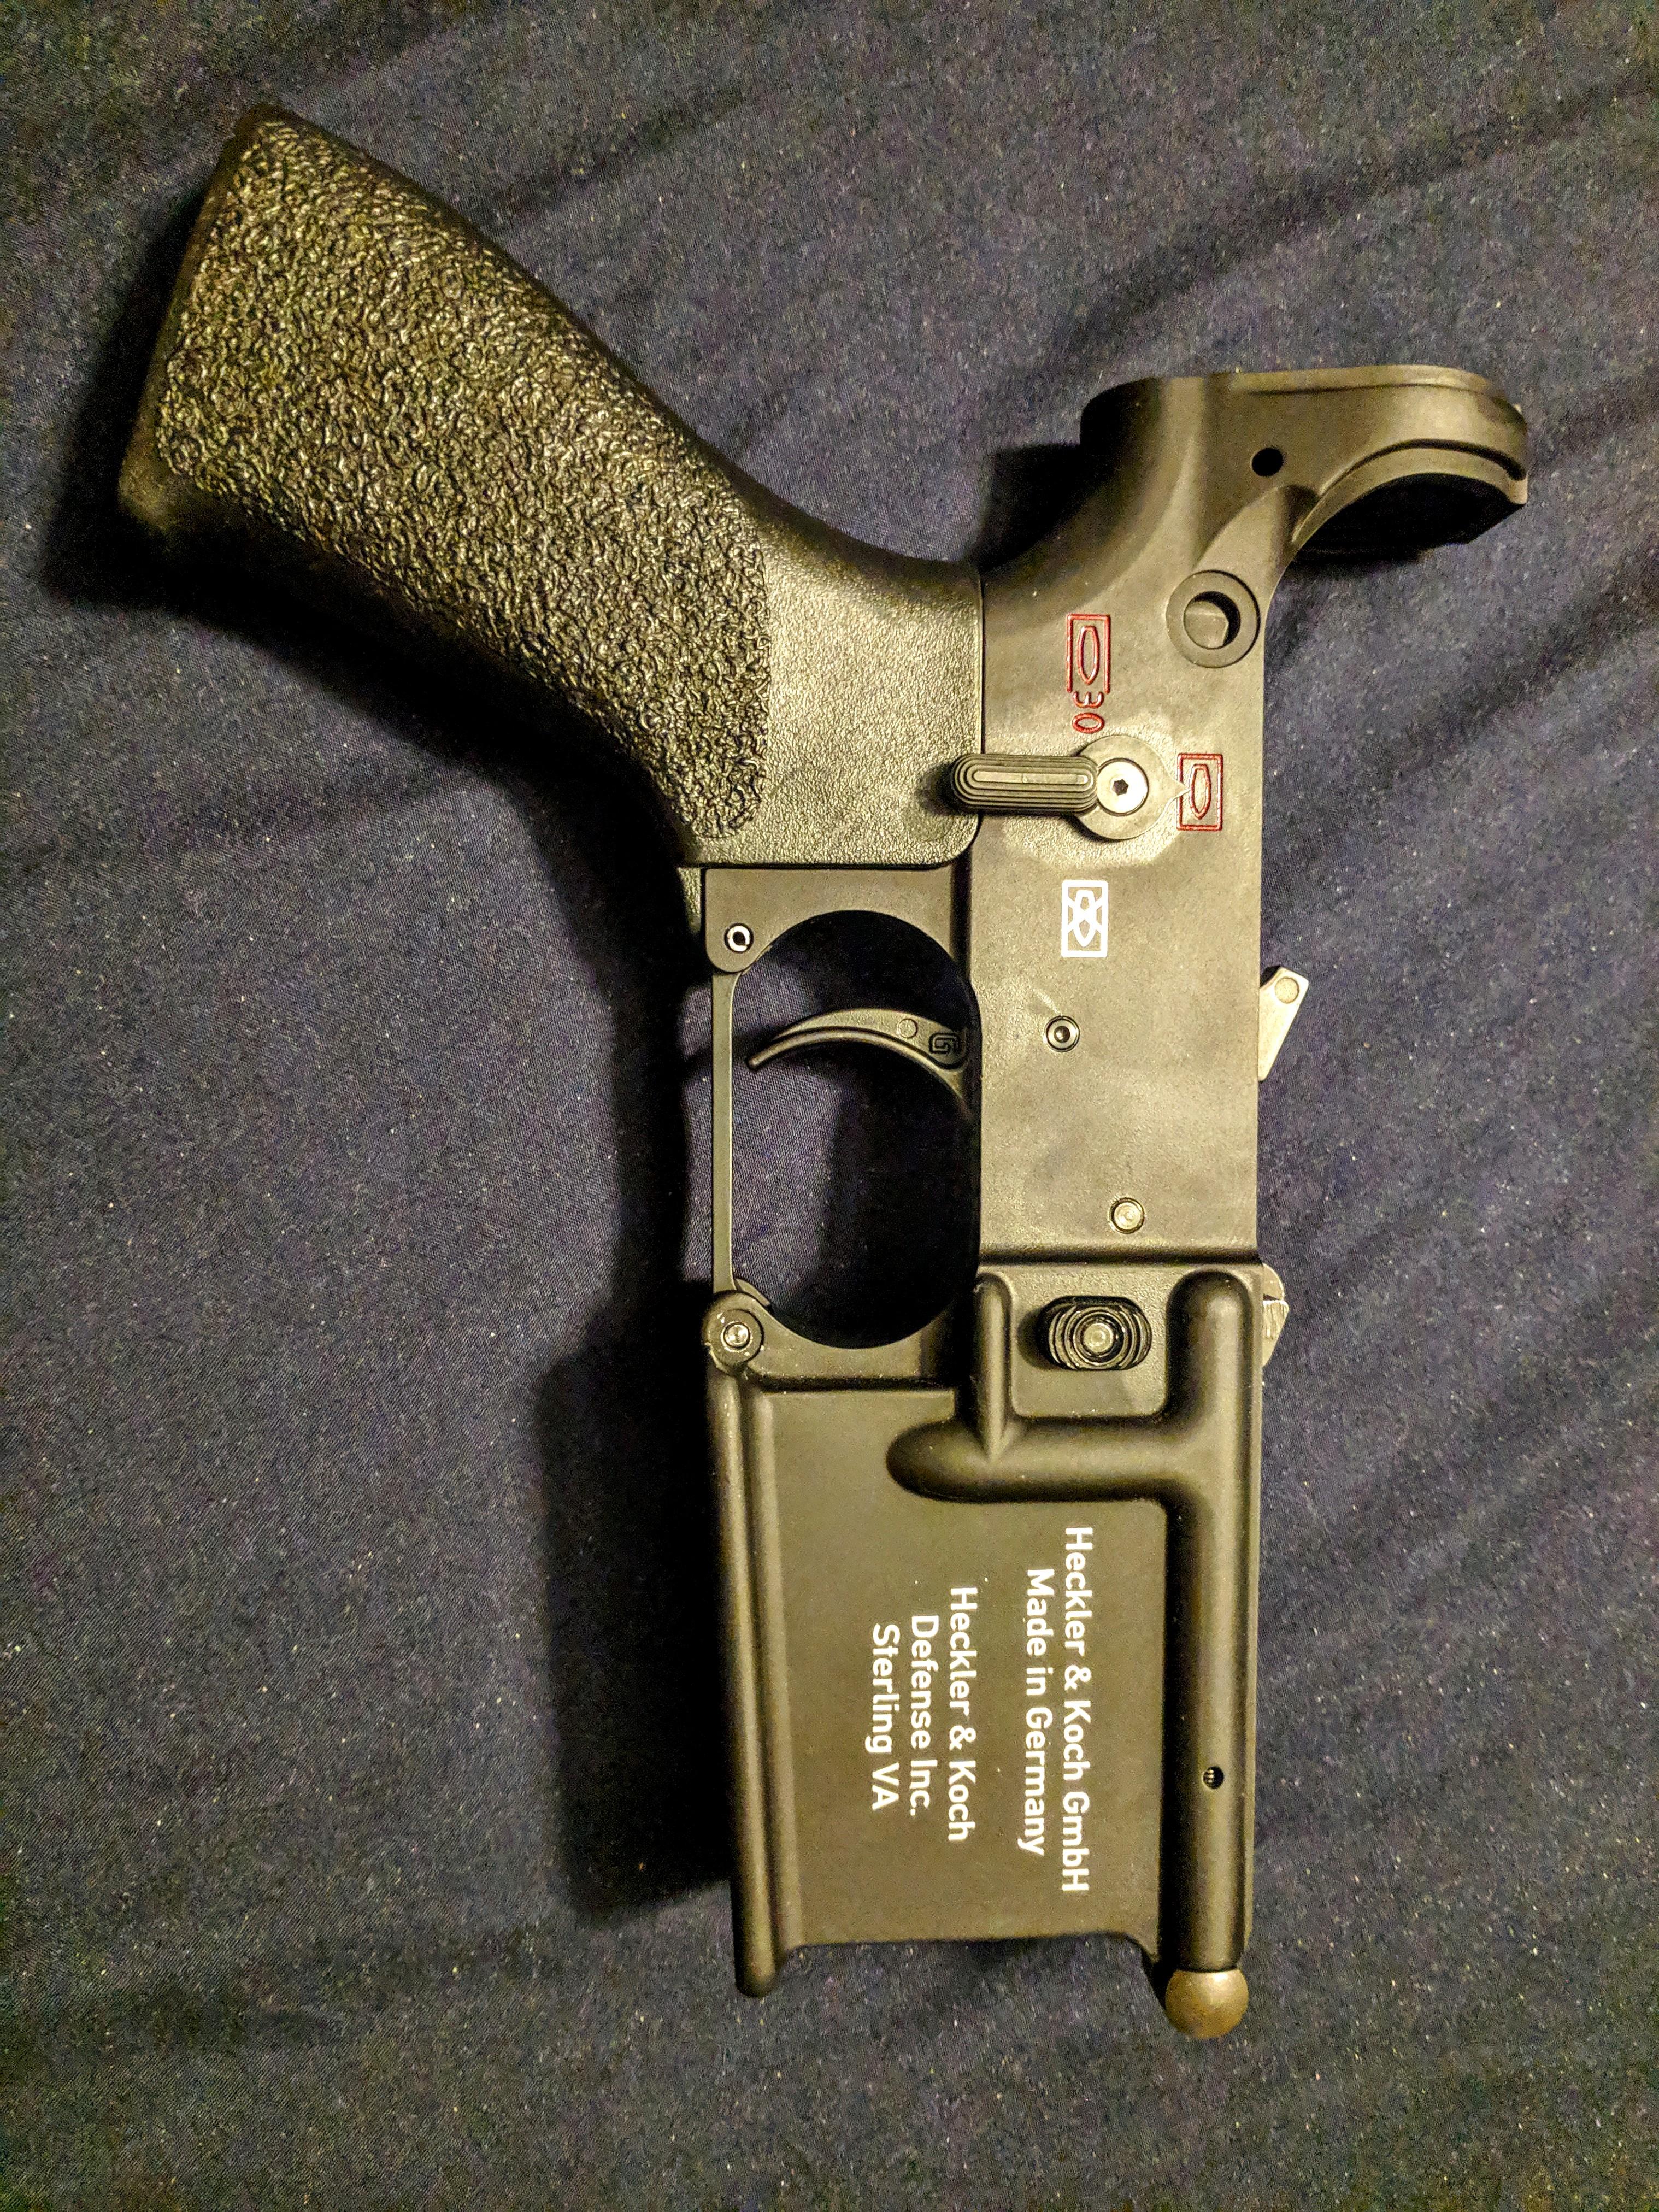 HK416 lower in need of engraving-img_20190304_175412.jpeg